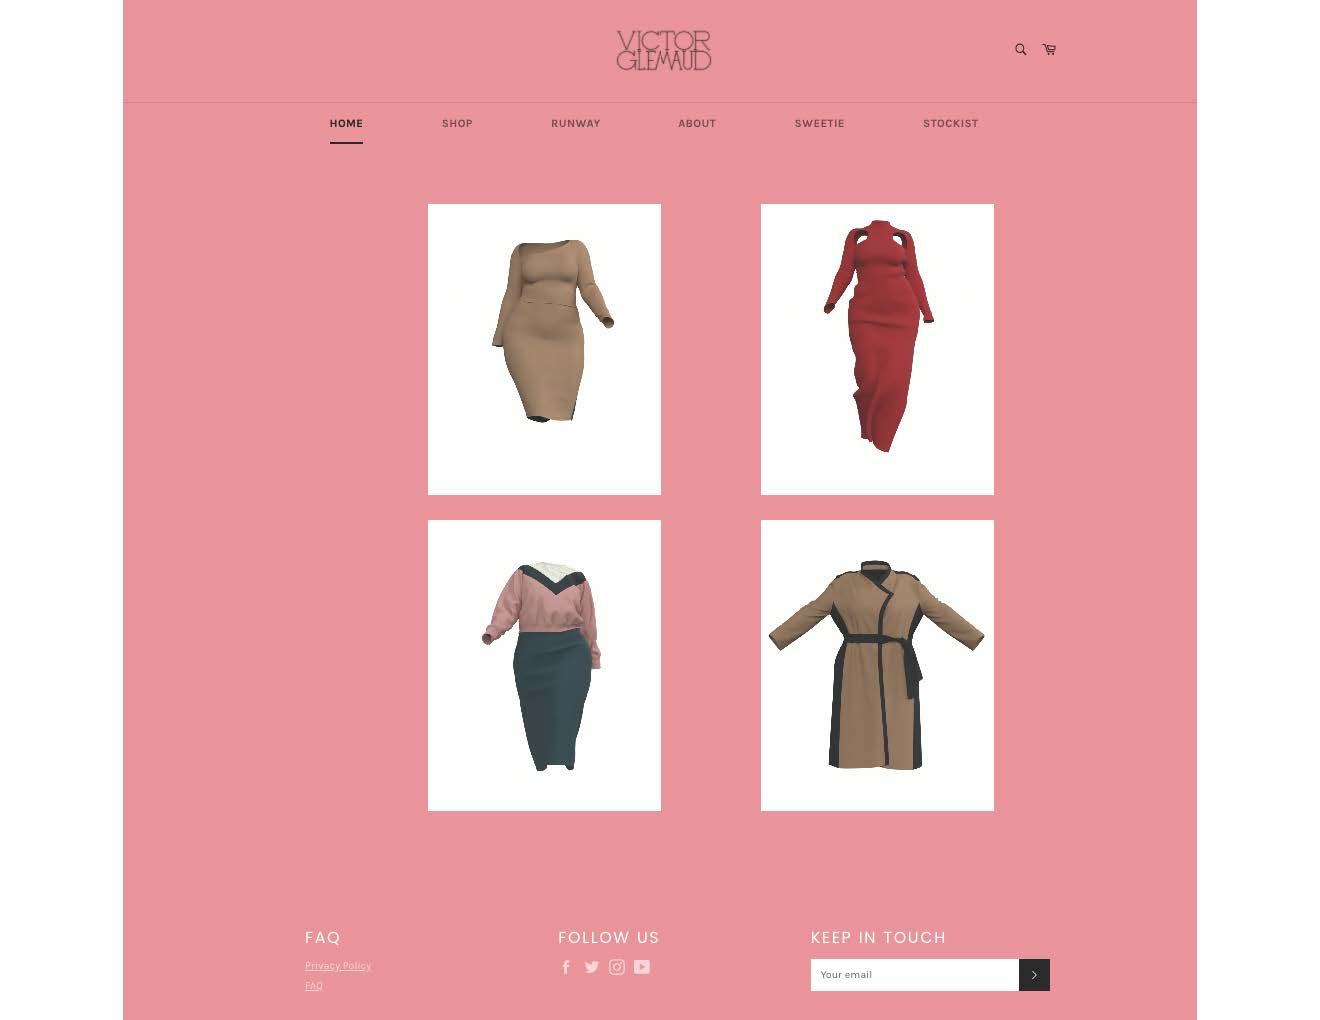 Victor Glemaud website screenshot